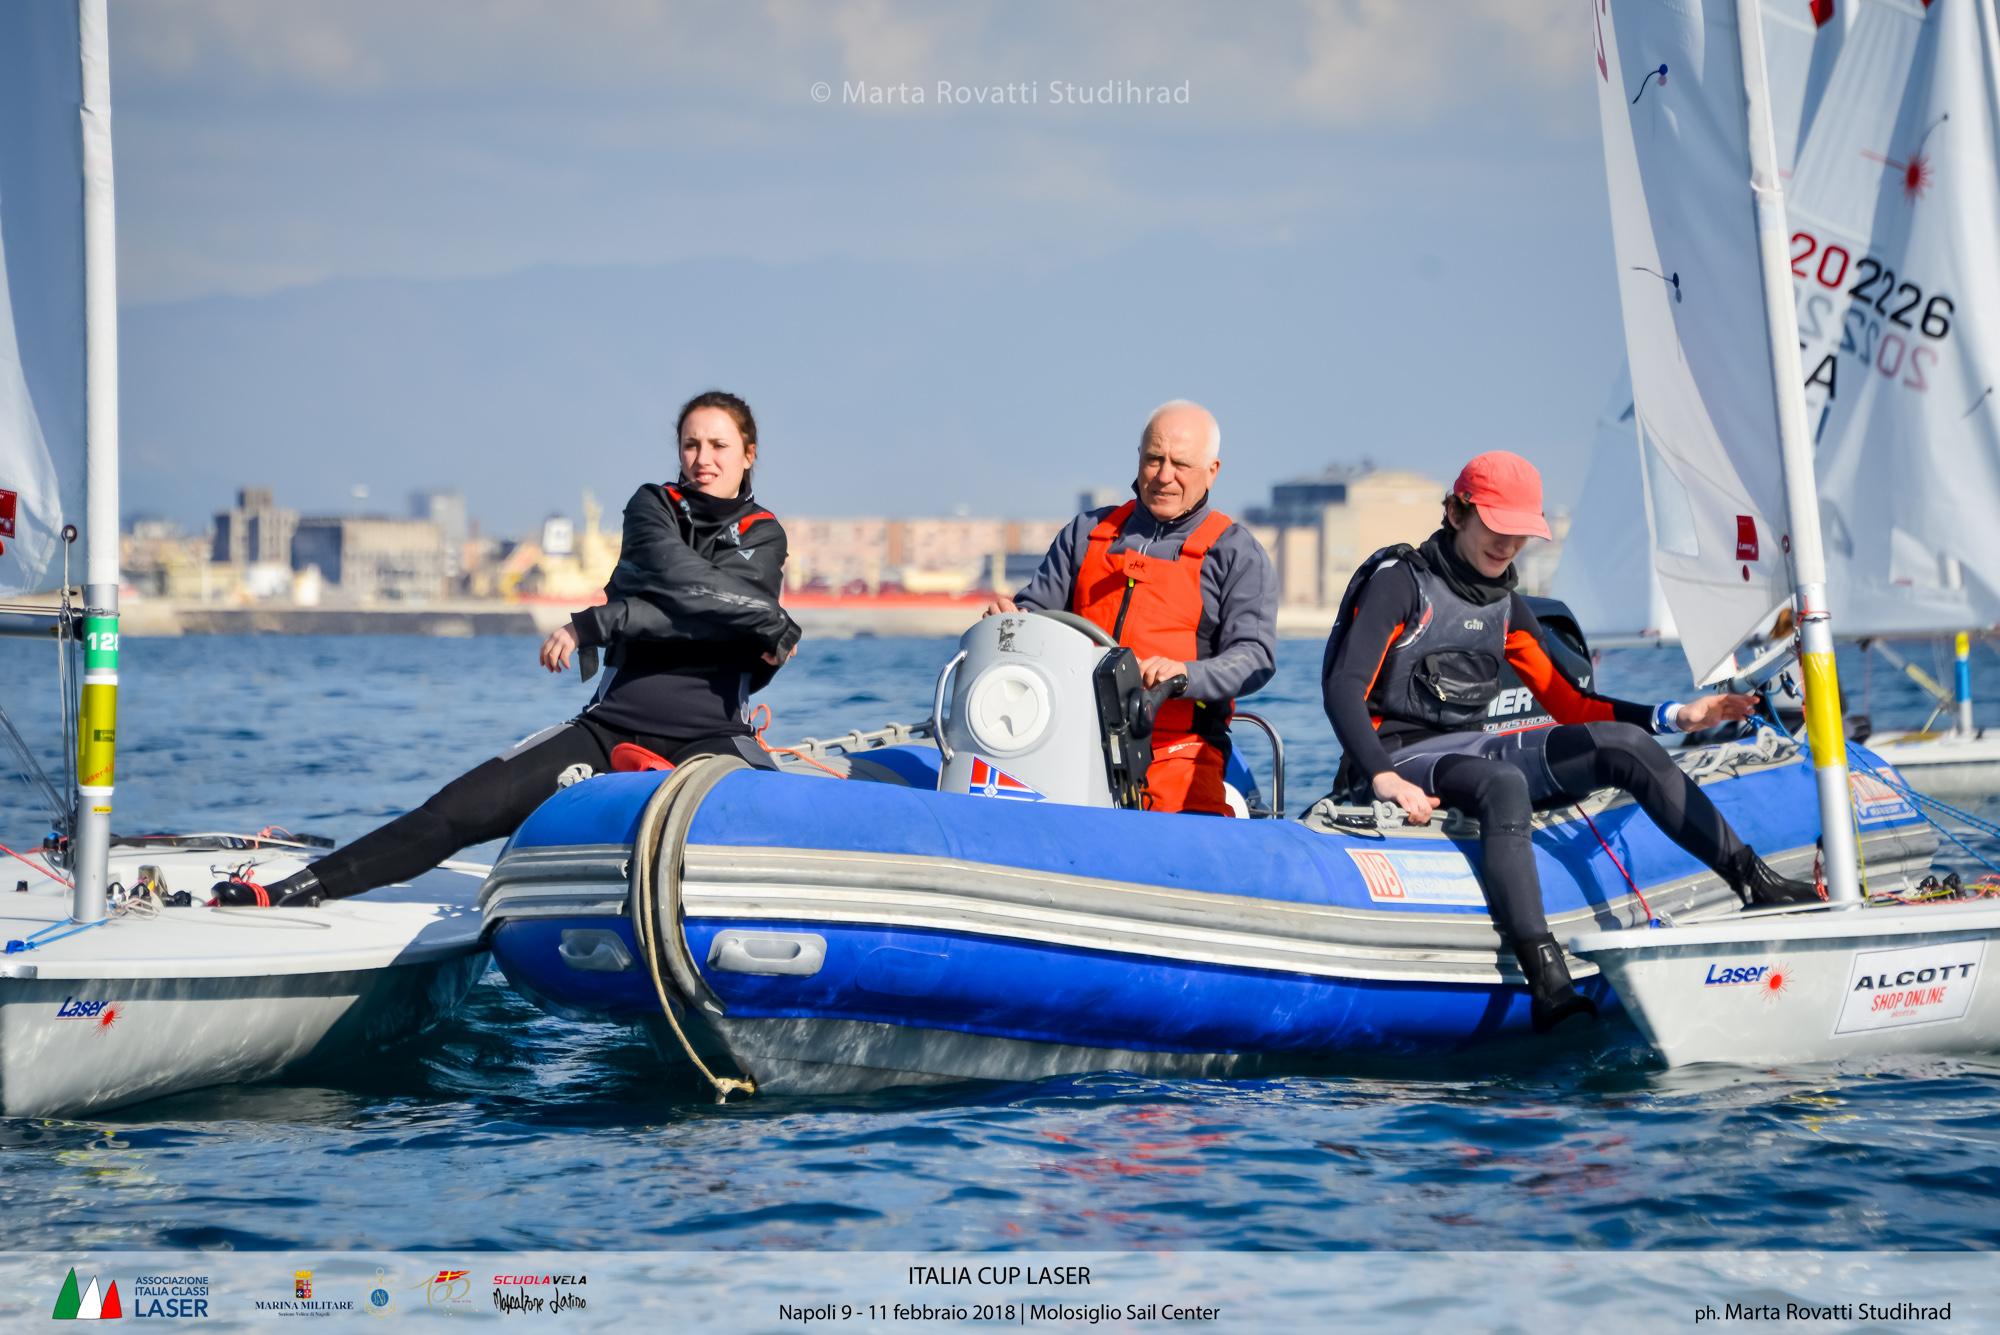 Associazione-Italia-Classi-Laser-2018-NapoliMGR_9878